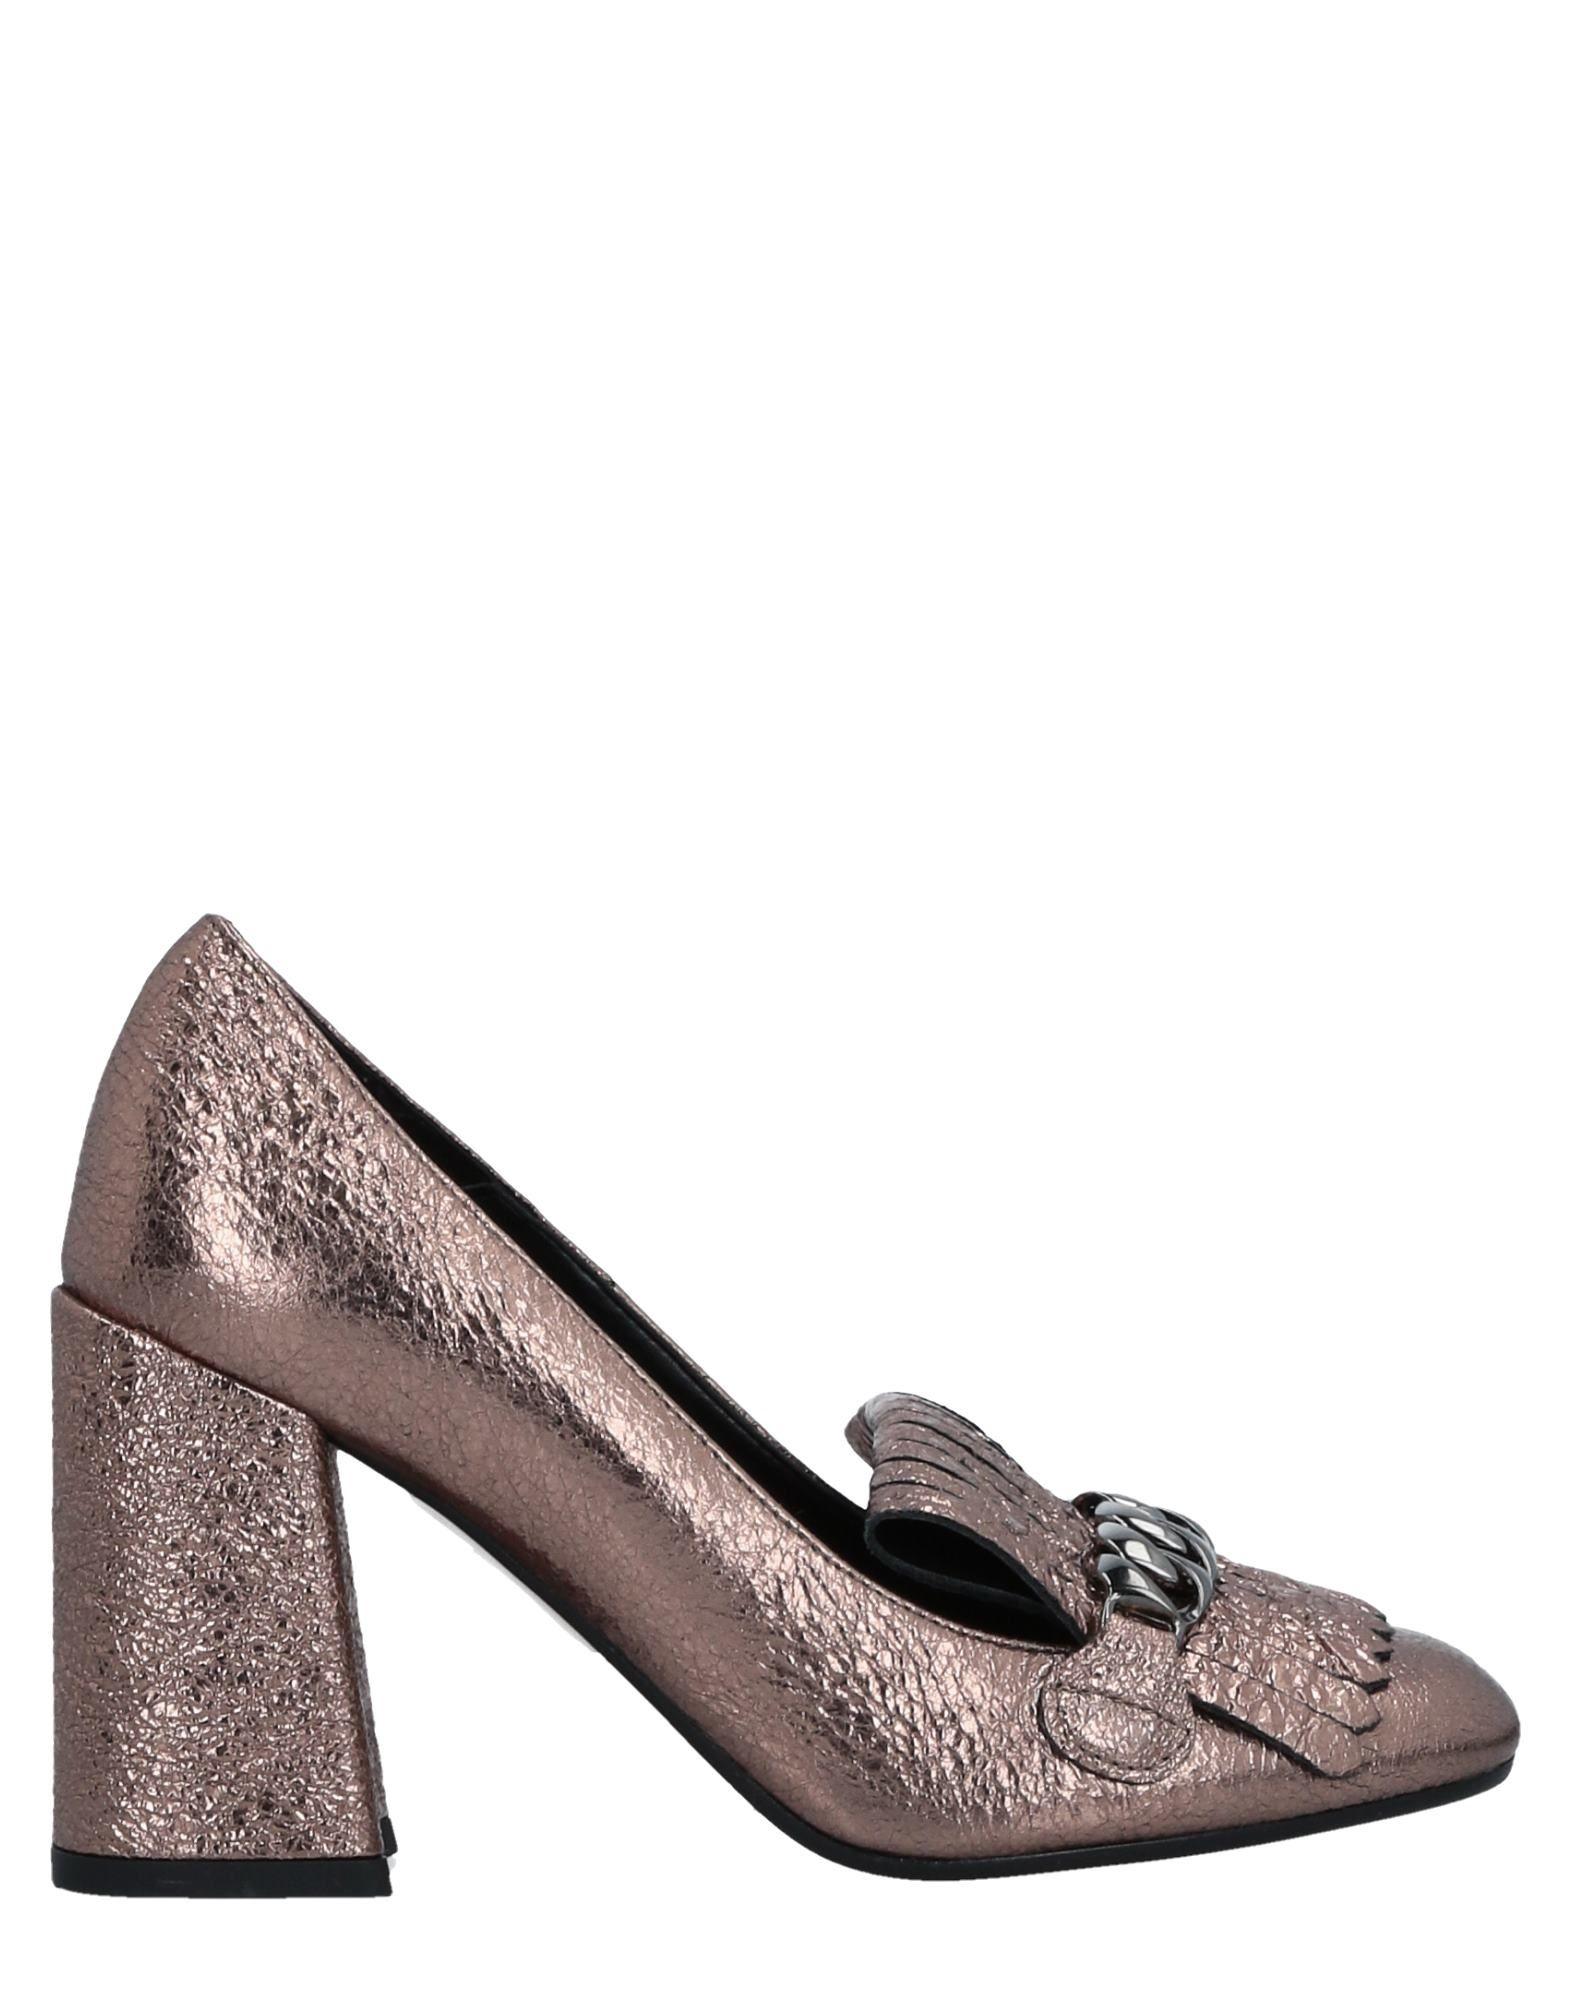 Bagatt Mokassins Damen  11515598GK Gute Qualität beliebte Schuhe